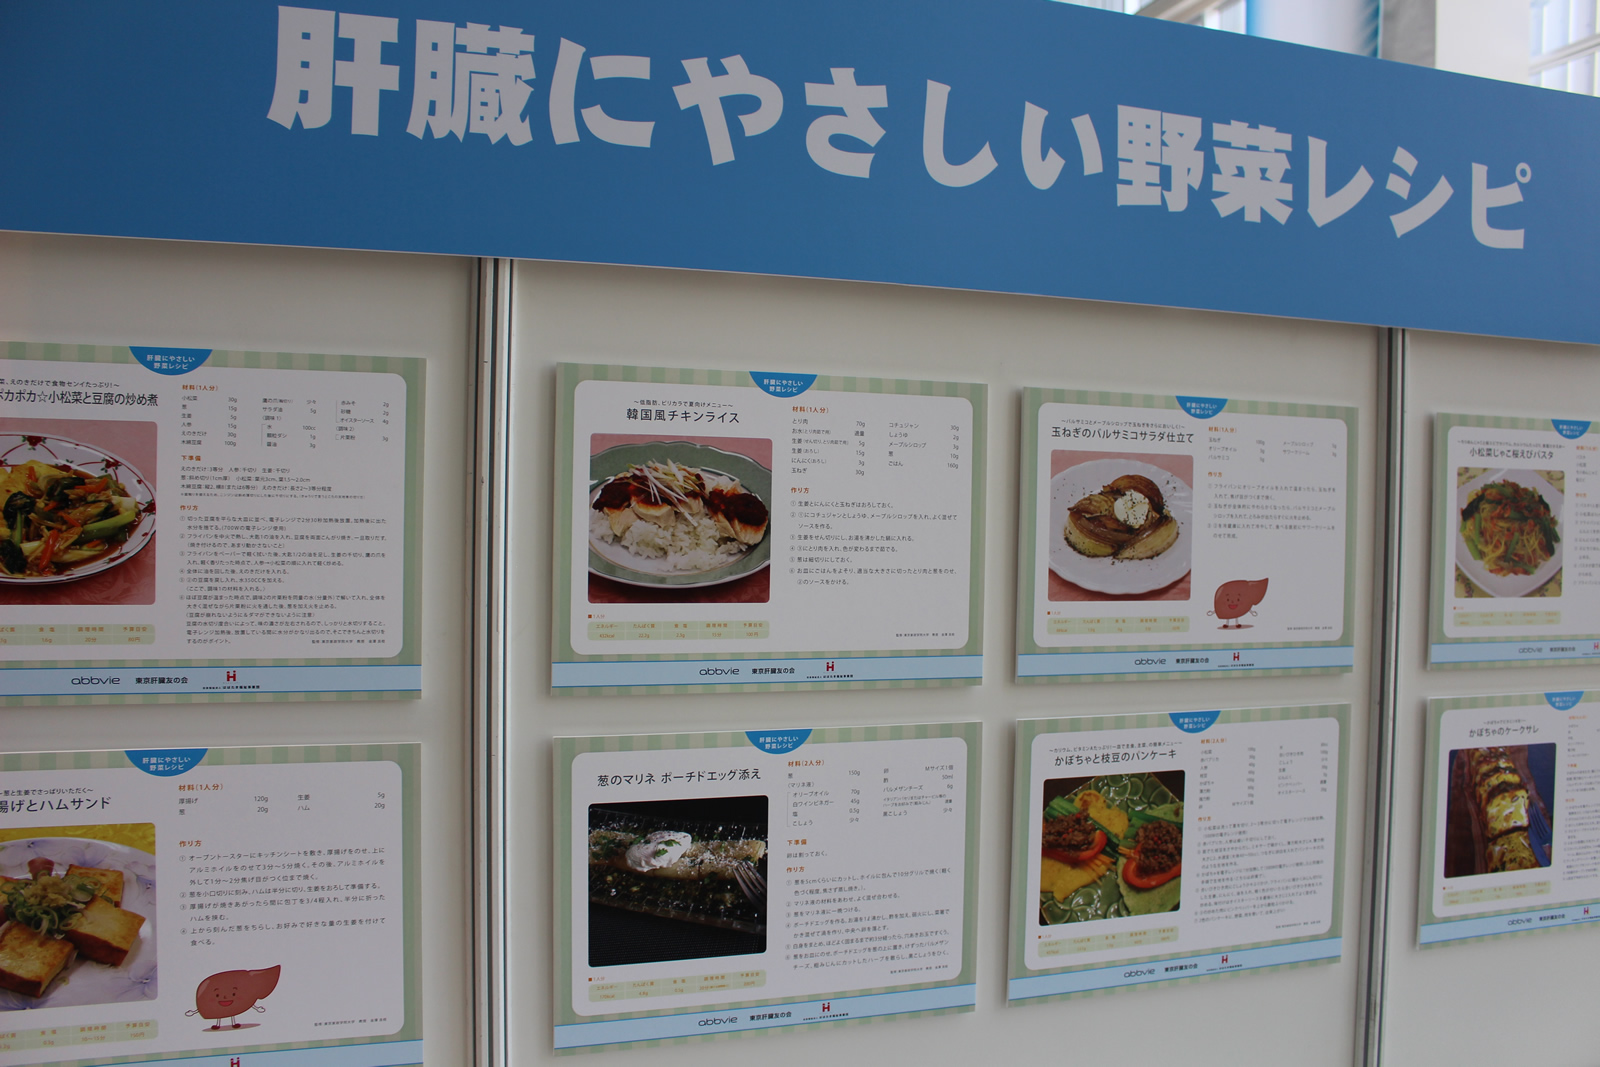 世界肝炎デーイベント『ご当地キャラと学ぼう!肝臓と肝炎のこと』が開催されました。